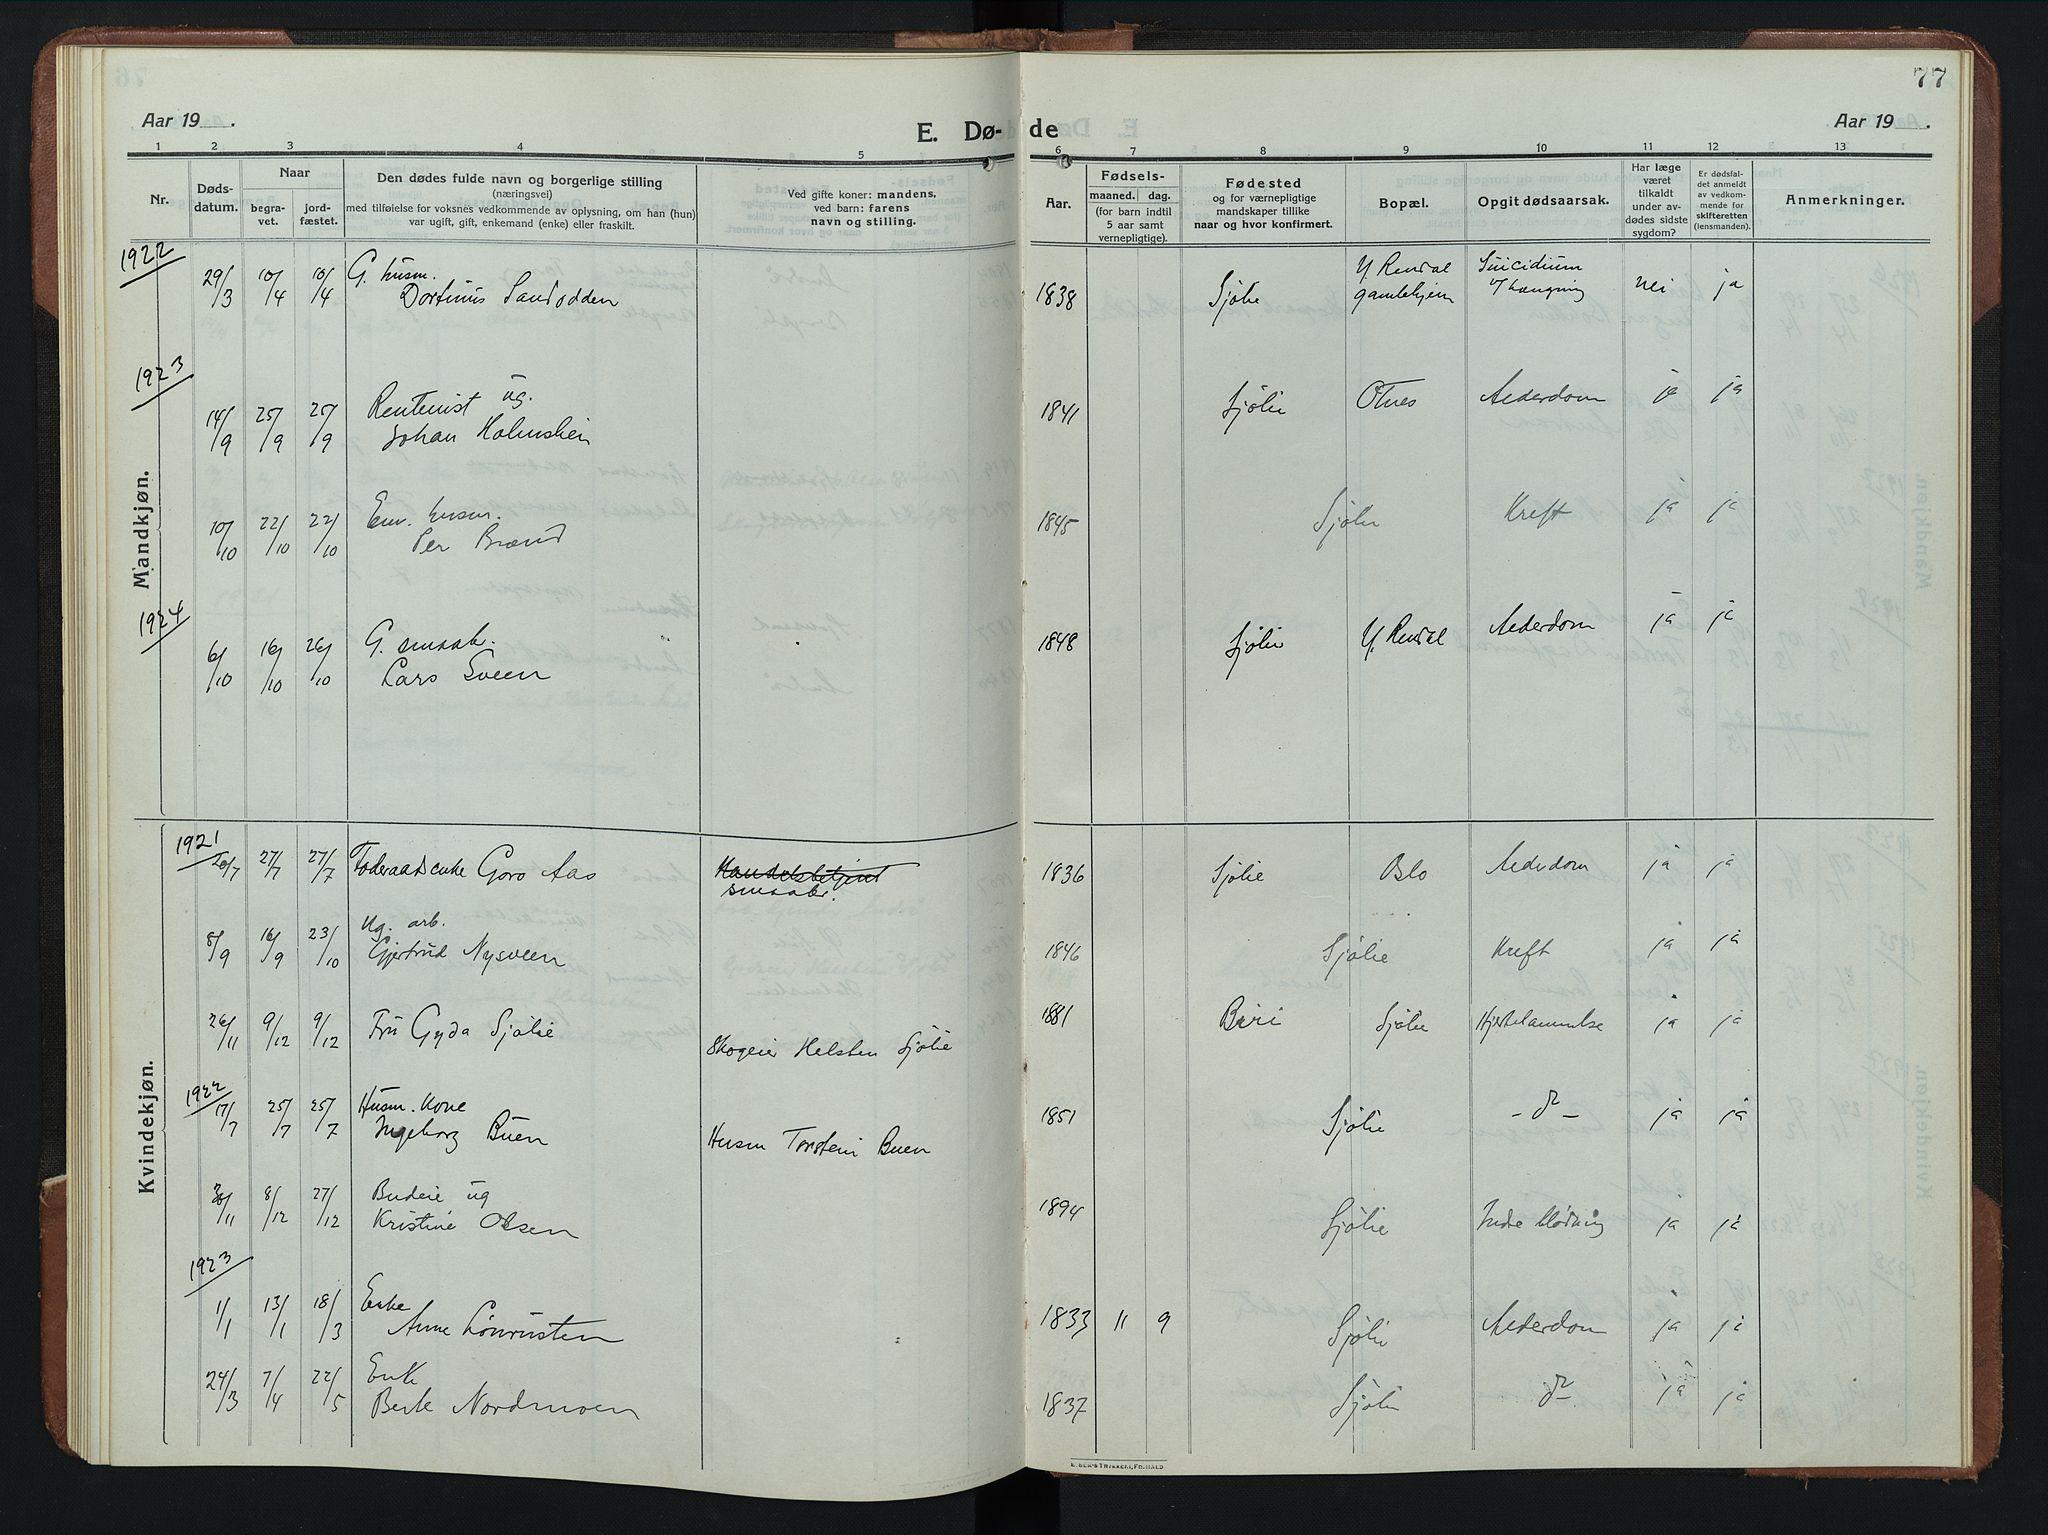 SAH, Rendalen prestekontor, H/Ha/Hab/L0008: Klokkerbok nr. 8, 1914-1948, s. 77